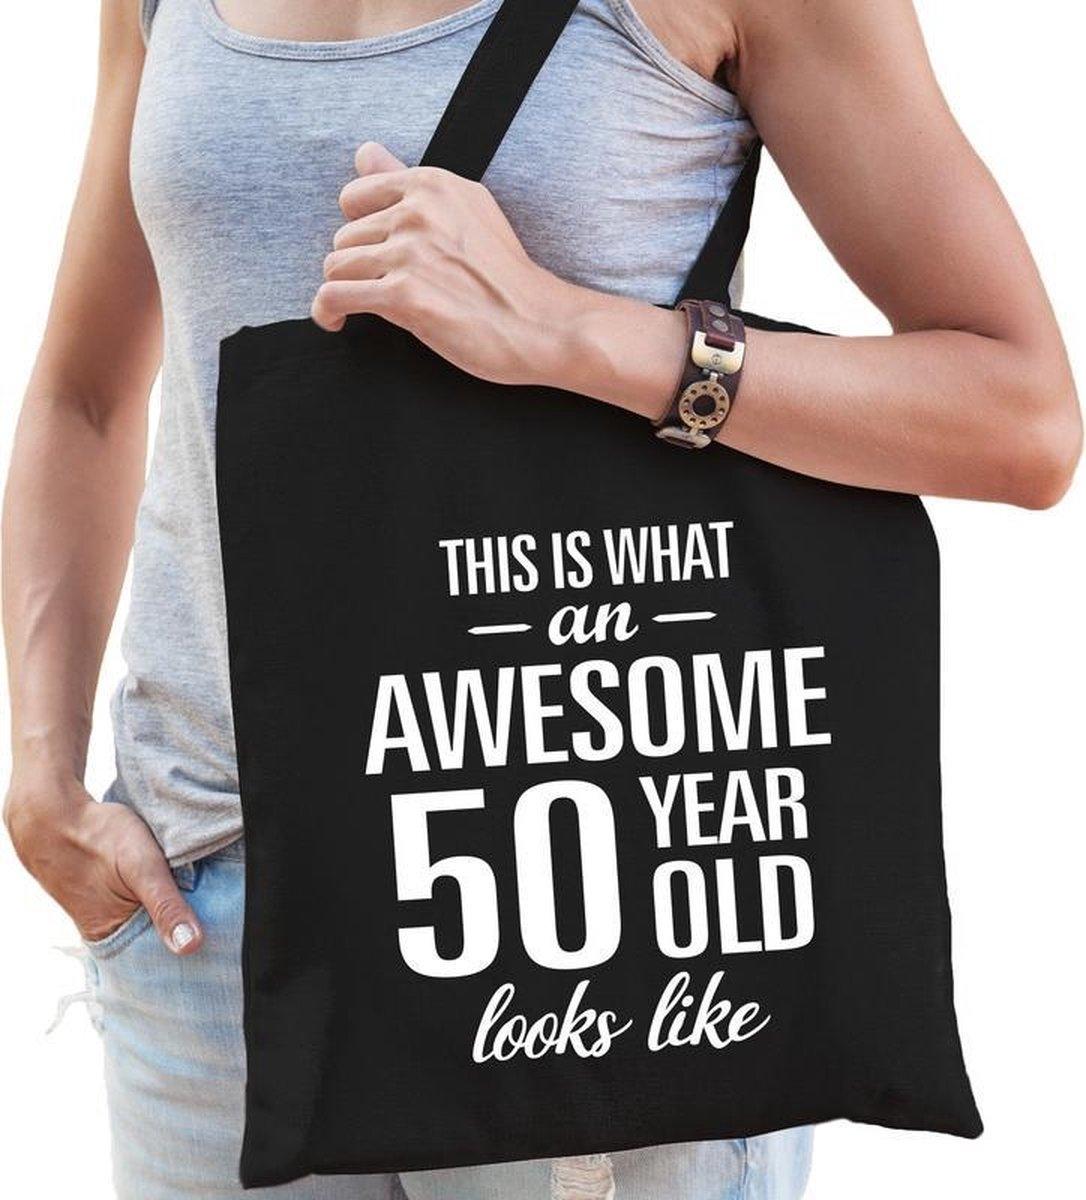 Awesome 50 year / geweldig 50 jaar cadeau tas zwart voor dames - Sarah kado tas / verjaardag tasje /